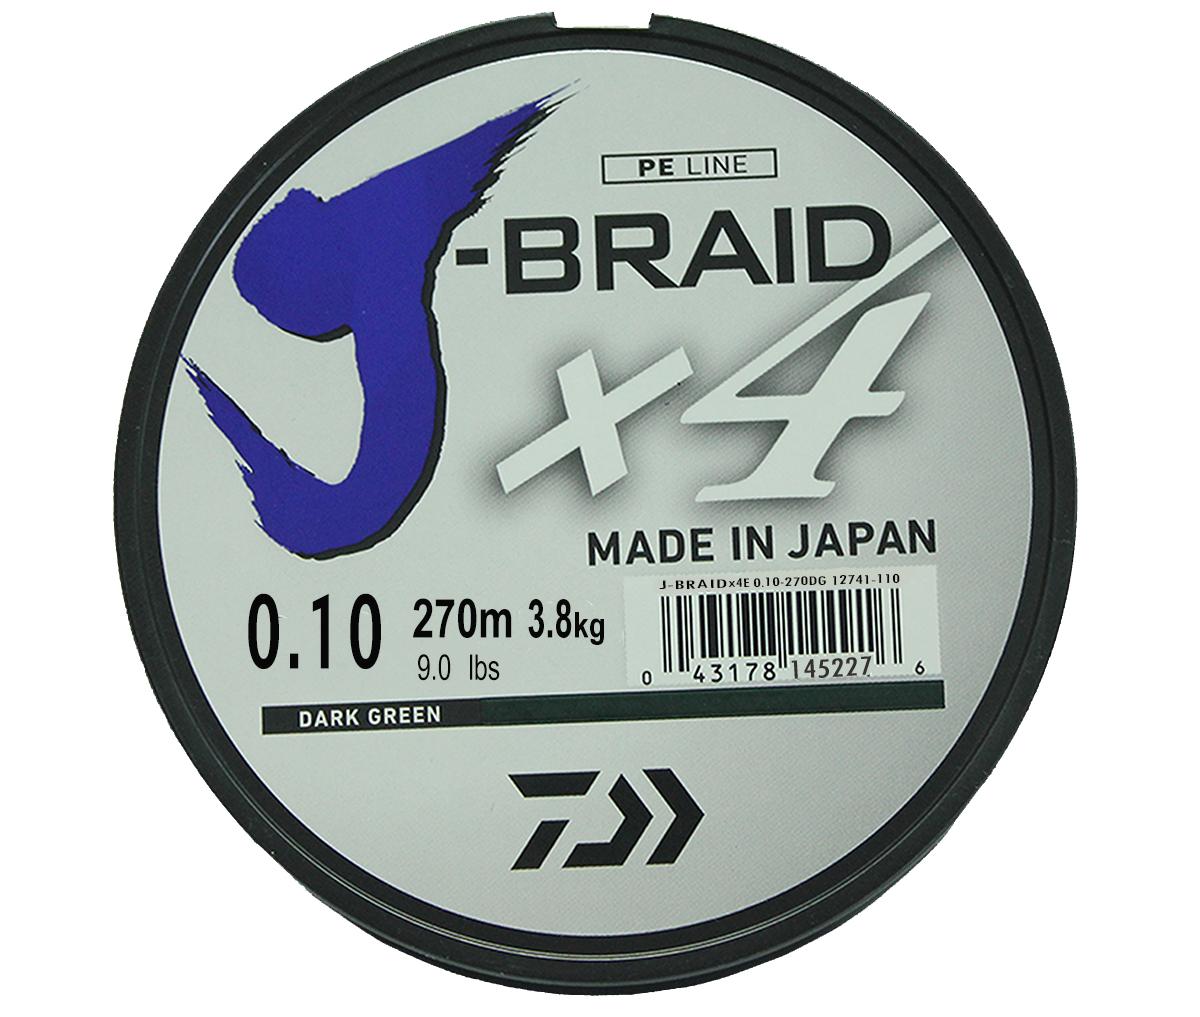 Шнур плетеный Daiwa J-Braid X4, цвет: зеленый, 270 м, 0,10 мм03/1/12Новый 4х жильный шнур J-Braid, DAIWA - шнур высокого класса с удивительным соотношением цены и качества. Качество плетения полностьюсоответствует японским стандартам и удовлетворяет всем требованиям. Представленные диаметры позволяют использовать шнур для всех техникловли, начиная от ultra- light ловли окуня, до морской ловли палтуса, трески и т.д